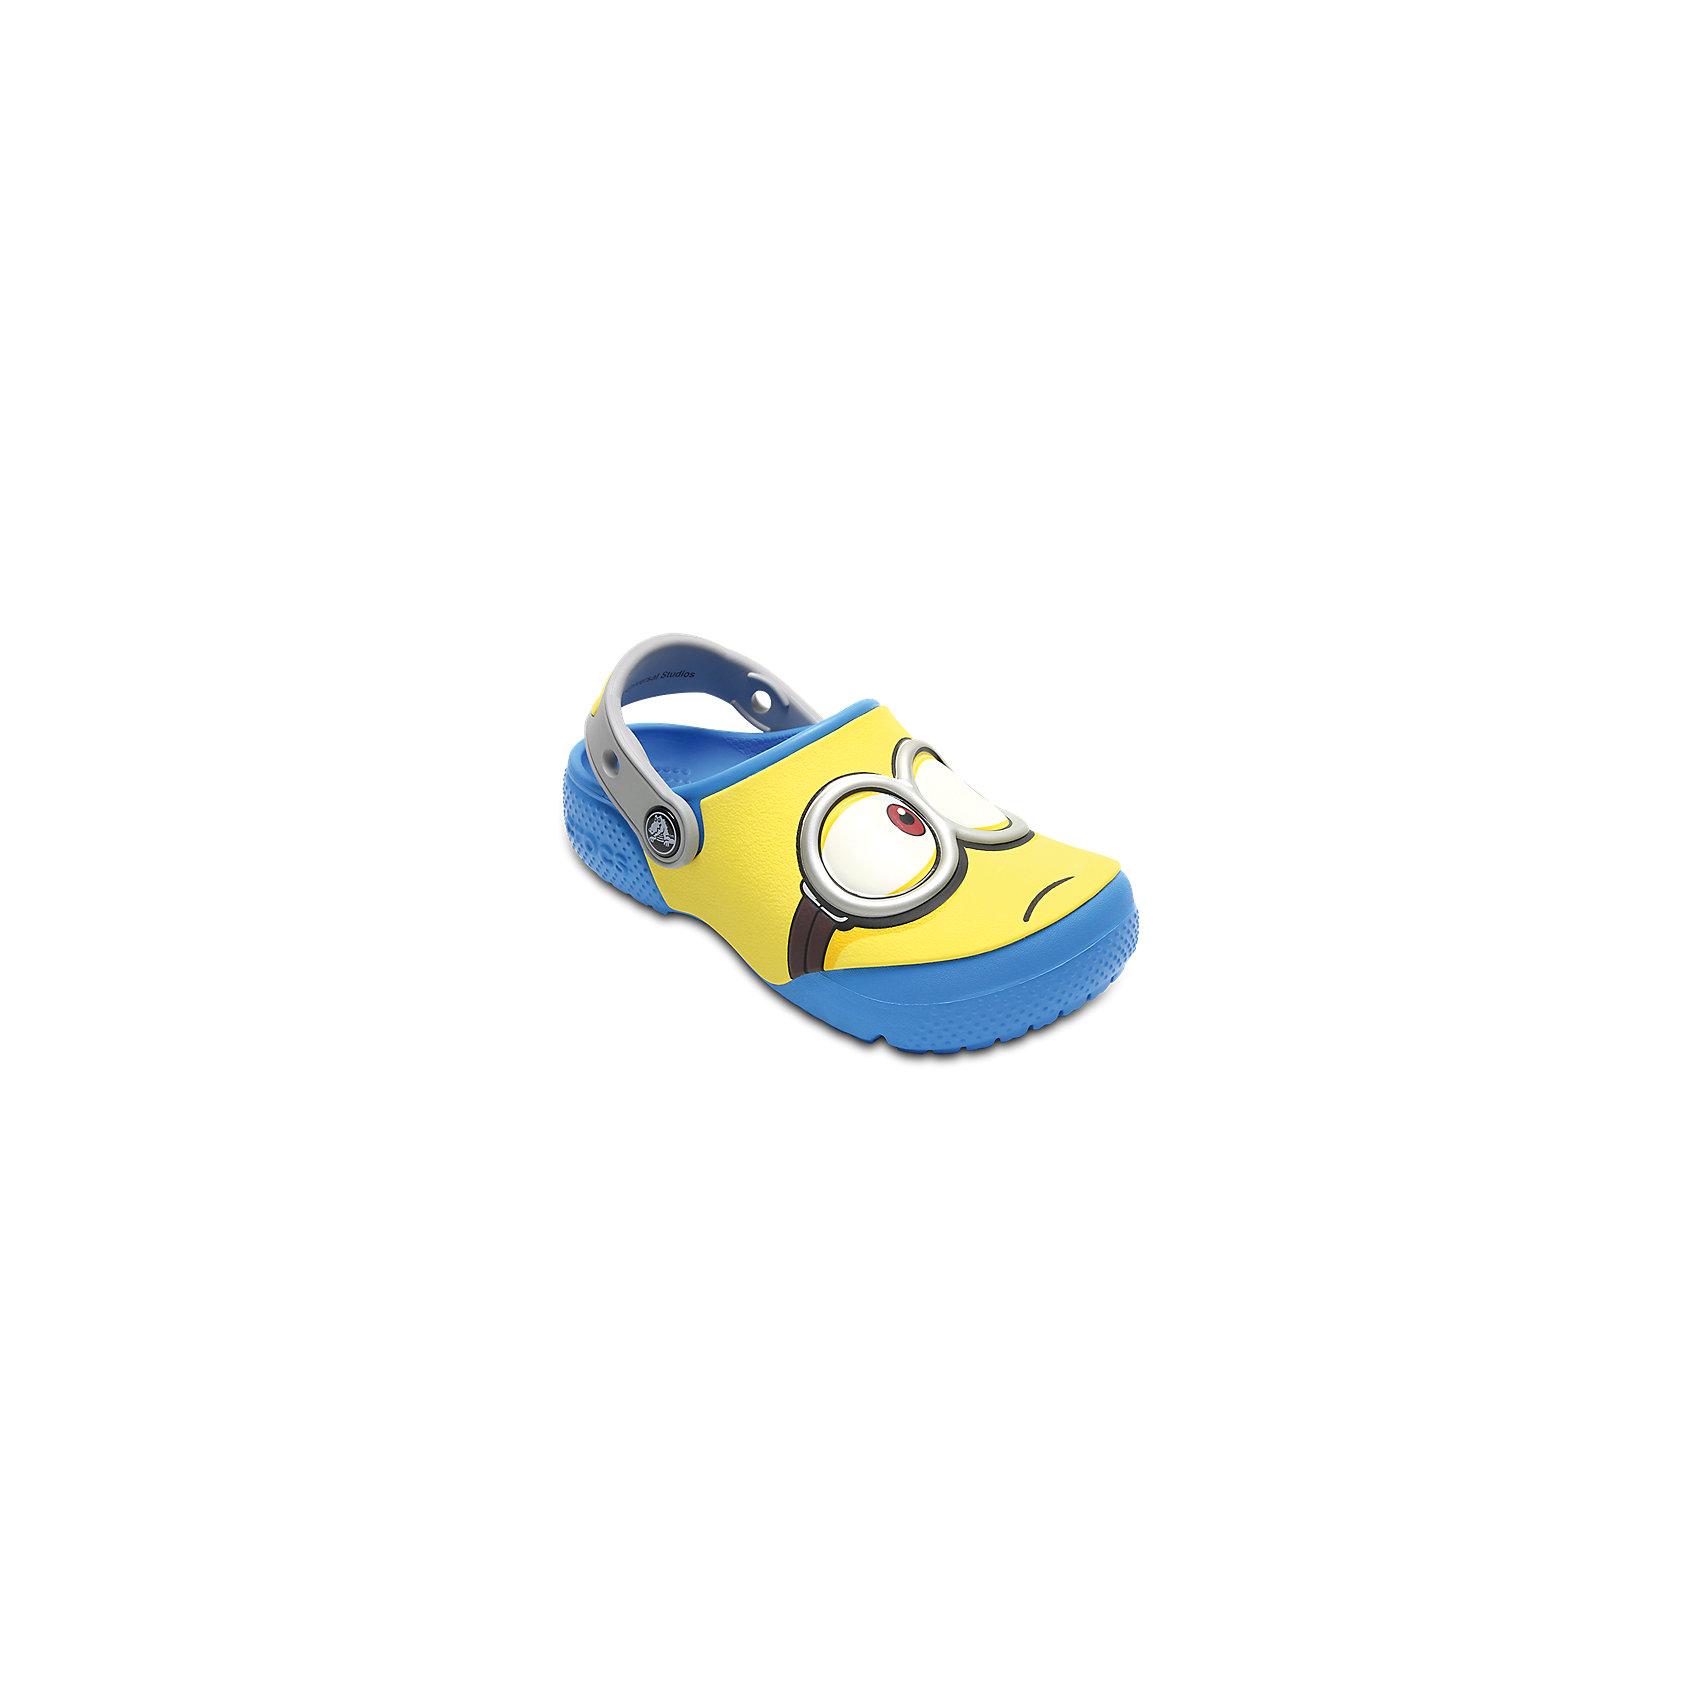 Сабо Kids Crocs Fun Lab Minions ClogsПляжная обувь<br>Характеристики товара:<br><br>• цвет: желтый<br>• сезон: лето<br>• тип: пляжная обувь<br>• материал: 100% полимер Croslite™<br>• под воздействием температуры тела принимают форму стопы<br>• полностью литая модель<br>• вентиляционные отверстия<br>• бактериостатичный материал<br>• пяточный ремешок фиксирует стопу<br>• отверстия для использования украшений<br>• анатомическая стелька с массажными точками<br>• страна бренда: США<br>• страна изготовитель: Китай<br><br>Обувь от американского бренда Crocs в данный момент завоевала широкую популярность во всем мире, и это не удивительно - ведь она невероятно удобна. <br><br>Её носят врачи, спортсмены, звёзды шоу-бизнеса, люди, которым много времени приходится бывать на ногах - они понимают, как важна комфортная обувь. <br><br>Продукция Crocs - это качественные товары, созданные с применением новейших технологий. <br><br>Обувь отличается стильным дизайном и продуманной конструкцией. <br><br>Изделие производится из качественных и проверенных материалов, которые безопасны для детей.<br><br>Сабо Kids Crocs Fun Lab Minions Clogs можно купить в нашем интернет-магазине.<br><br>Ширина мм: 225<br>Глубина мм: 139<br>Высота мм: 112<br>Вес г: 290<br>Цвет: синий<br>Возраст от месяцев: 12<br>Возраст до месяцев: 15<br>Пол: Унисекс<br>Возраст: Детский<br>Размер: 21,34/35,27,28,29,30,22,23,24,25,26,31/32,33/34<br>SKU: 5417004